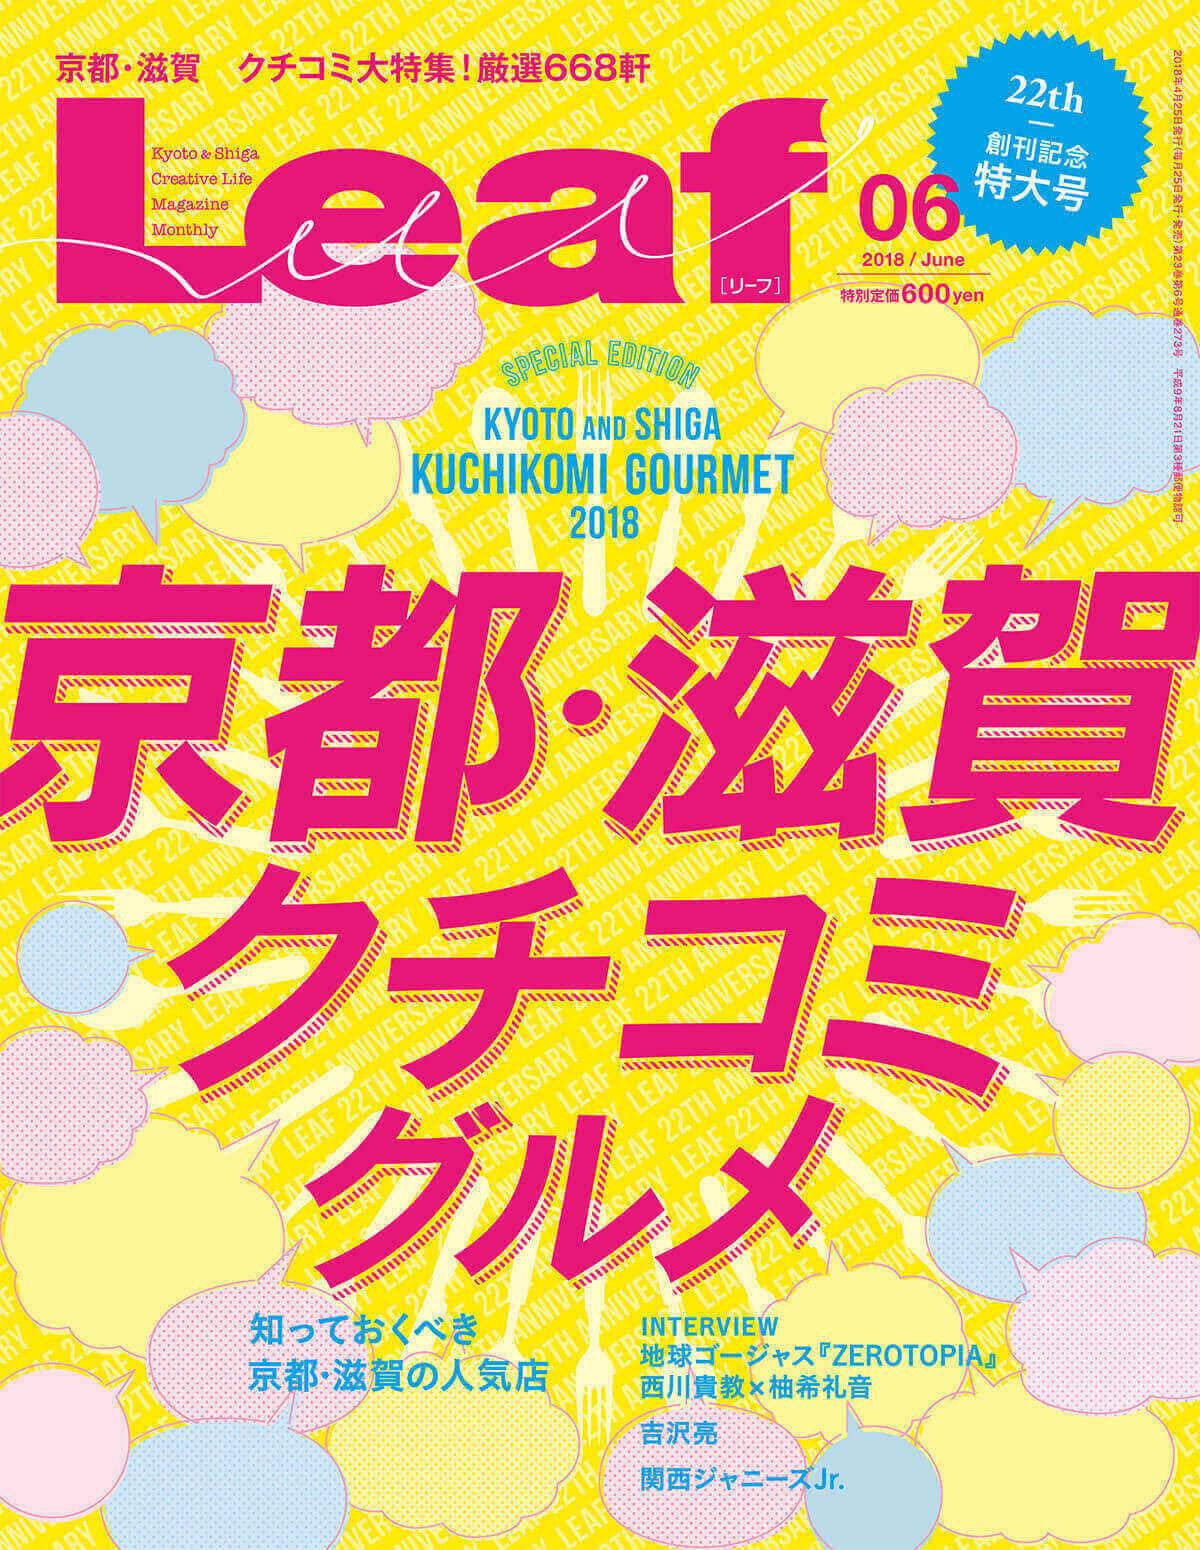 Leaf - 京都・滋賀 クチコミグルメ大特集!